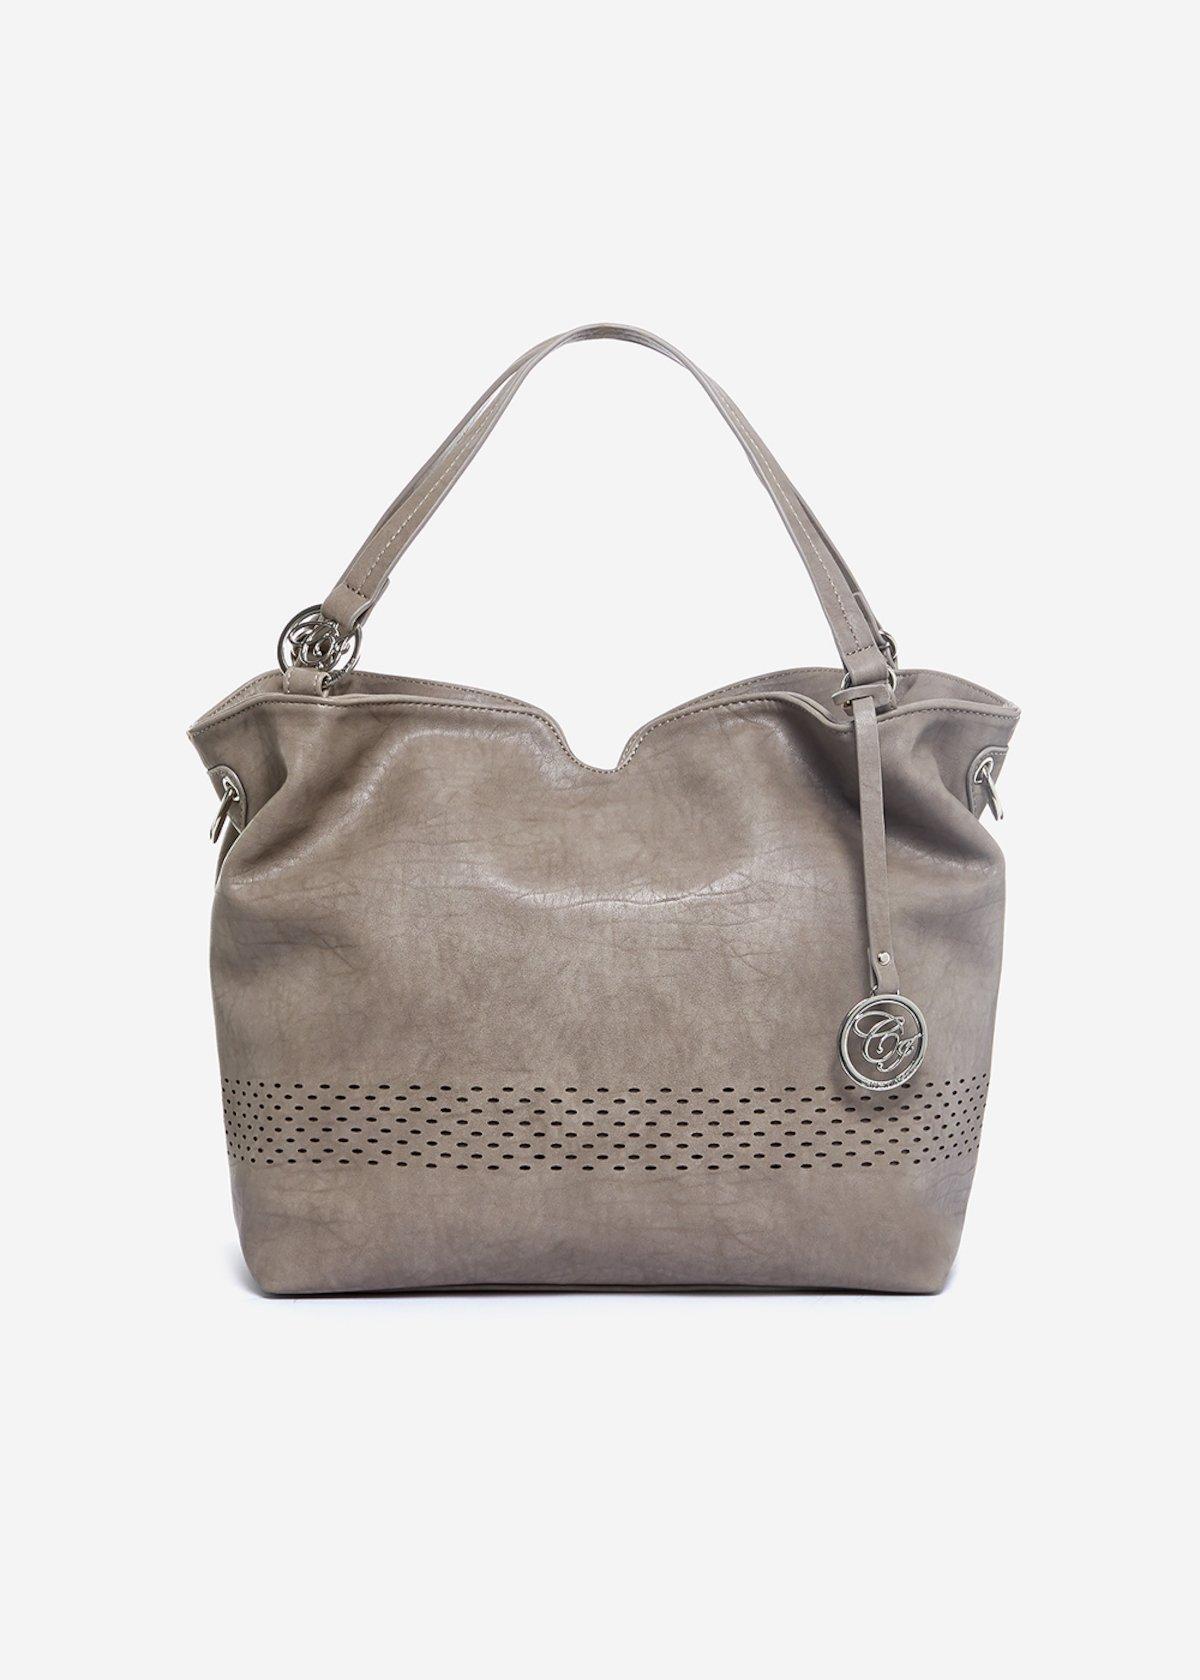 Birka faux leather shoulder bag with perforated fret pattern - Cinder